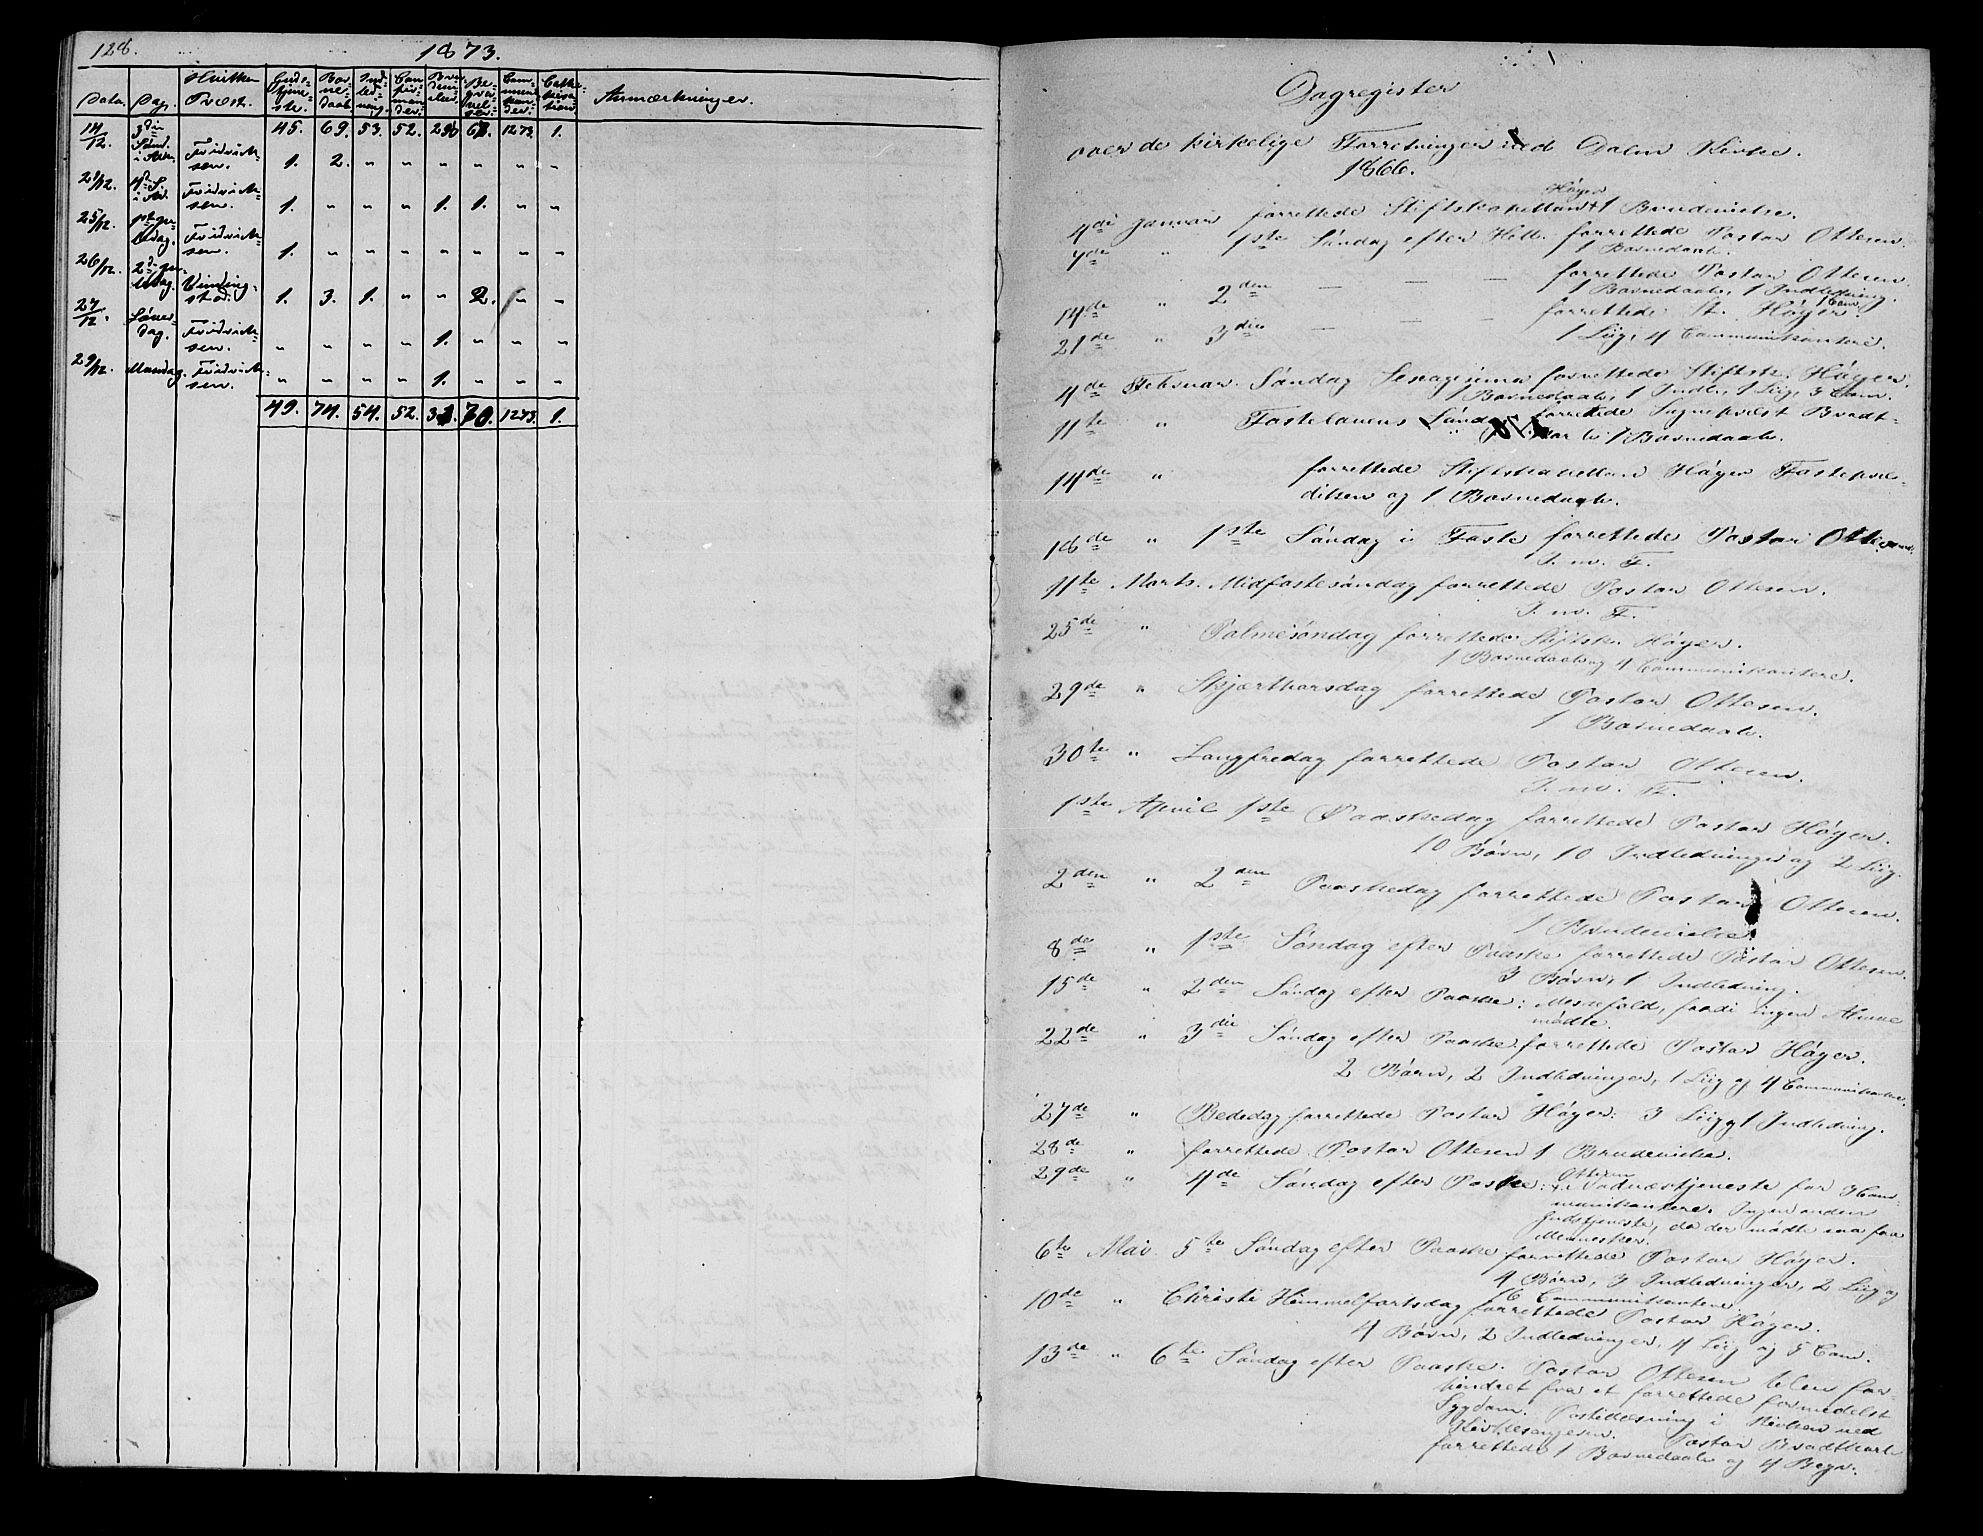 SAT, Ministerialprotokoller, klokkerbøker og fødselsregistre - Sør-Trøndelag, 634/L0539: Klokkerbok nr. 634C01, 1866-1873, s. 128